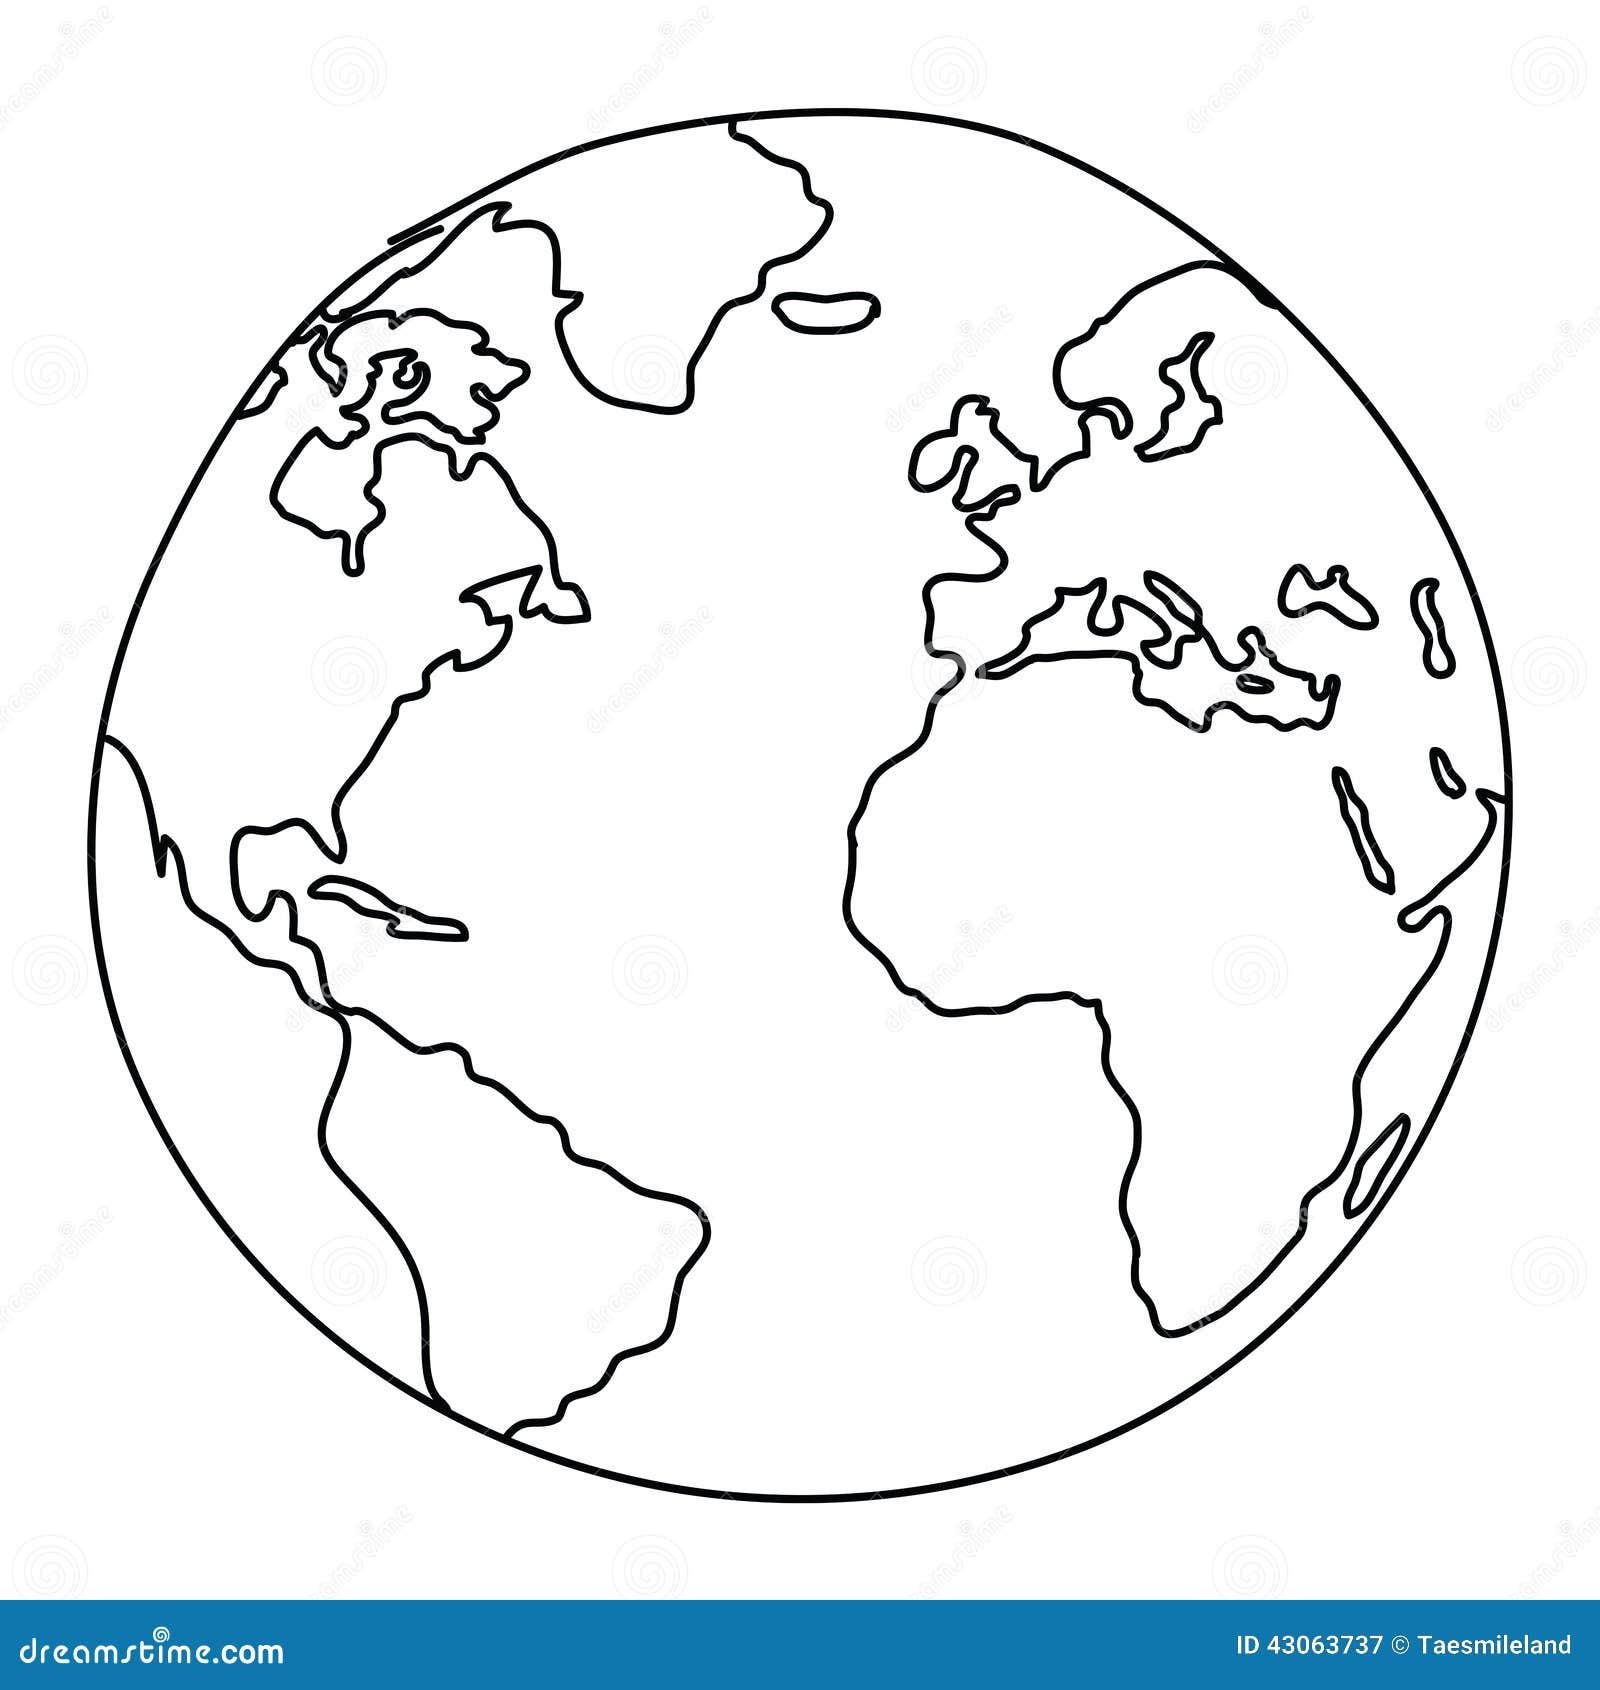 Disegno del mondo illustrazione vettoriale illustrazione - Foto della mappa del mondo da stampare ...